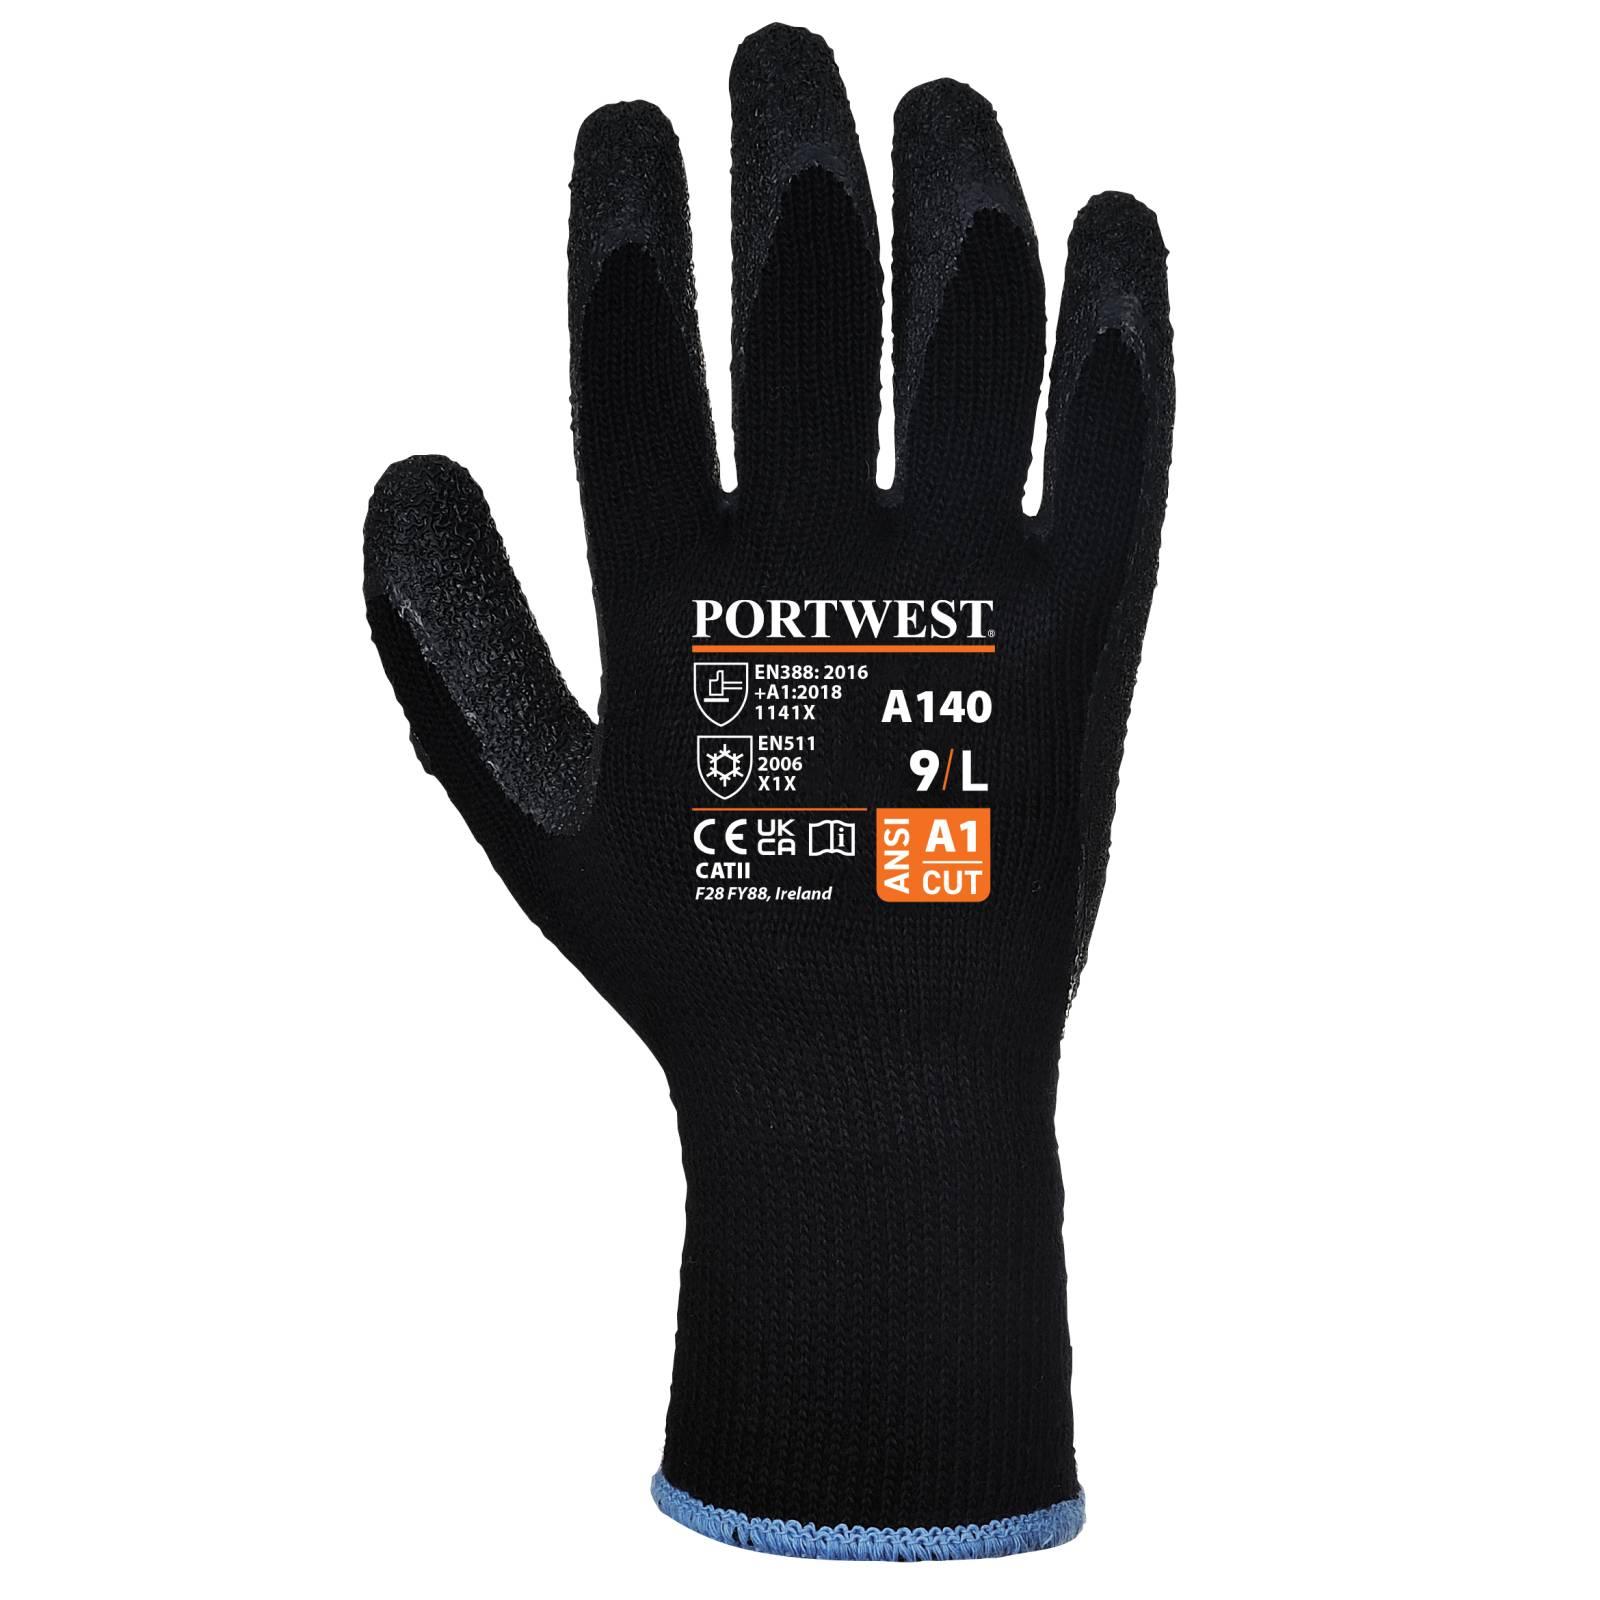 Portwest Handschoenen A140 zwart(K8)